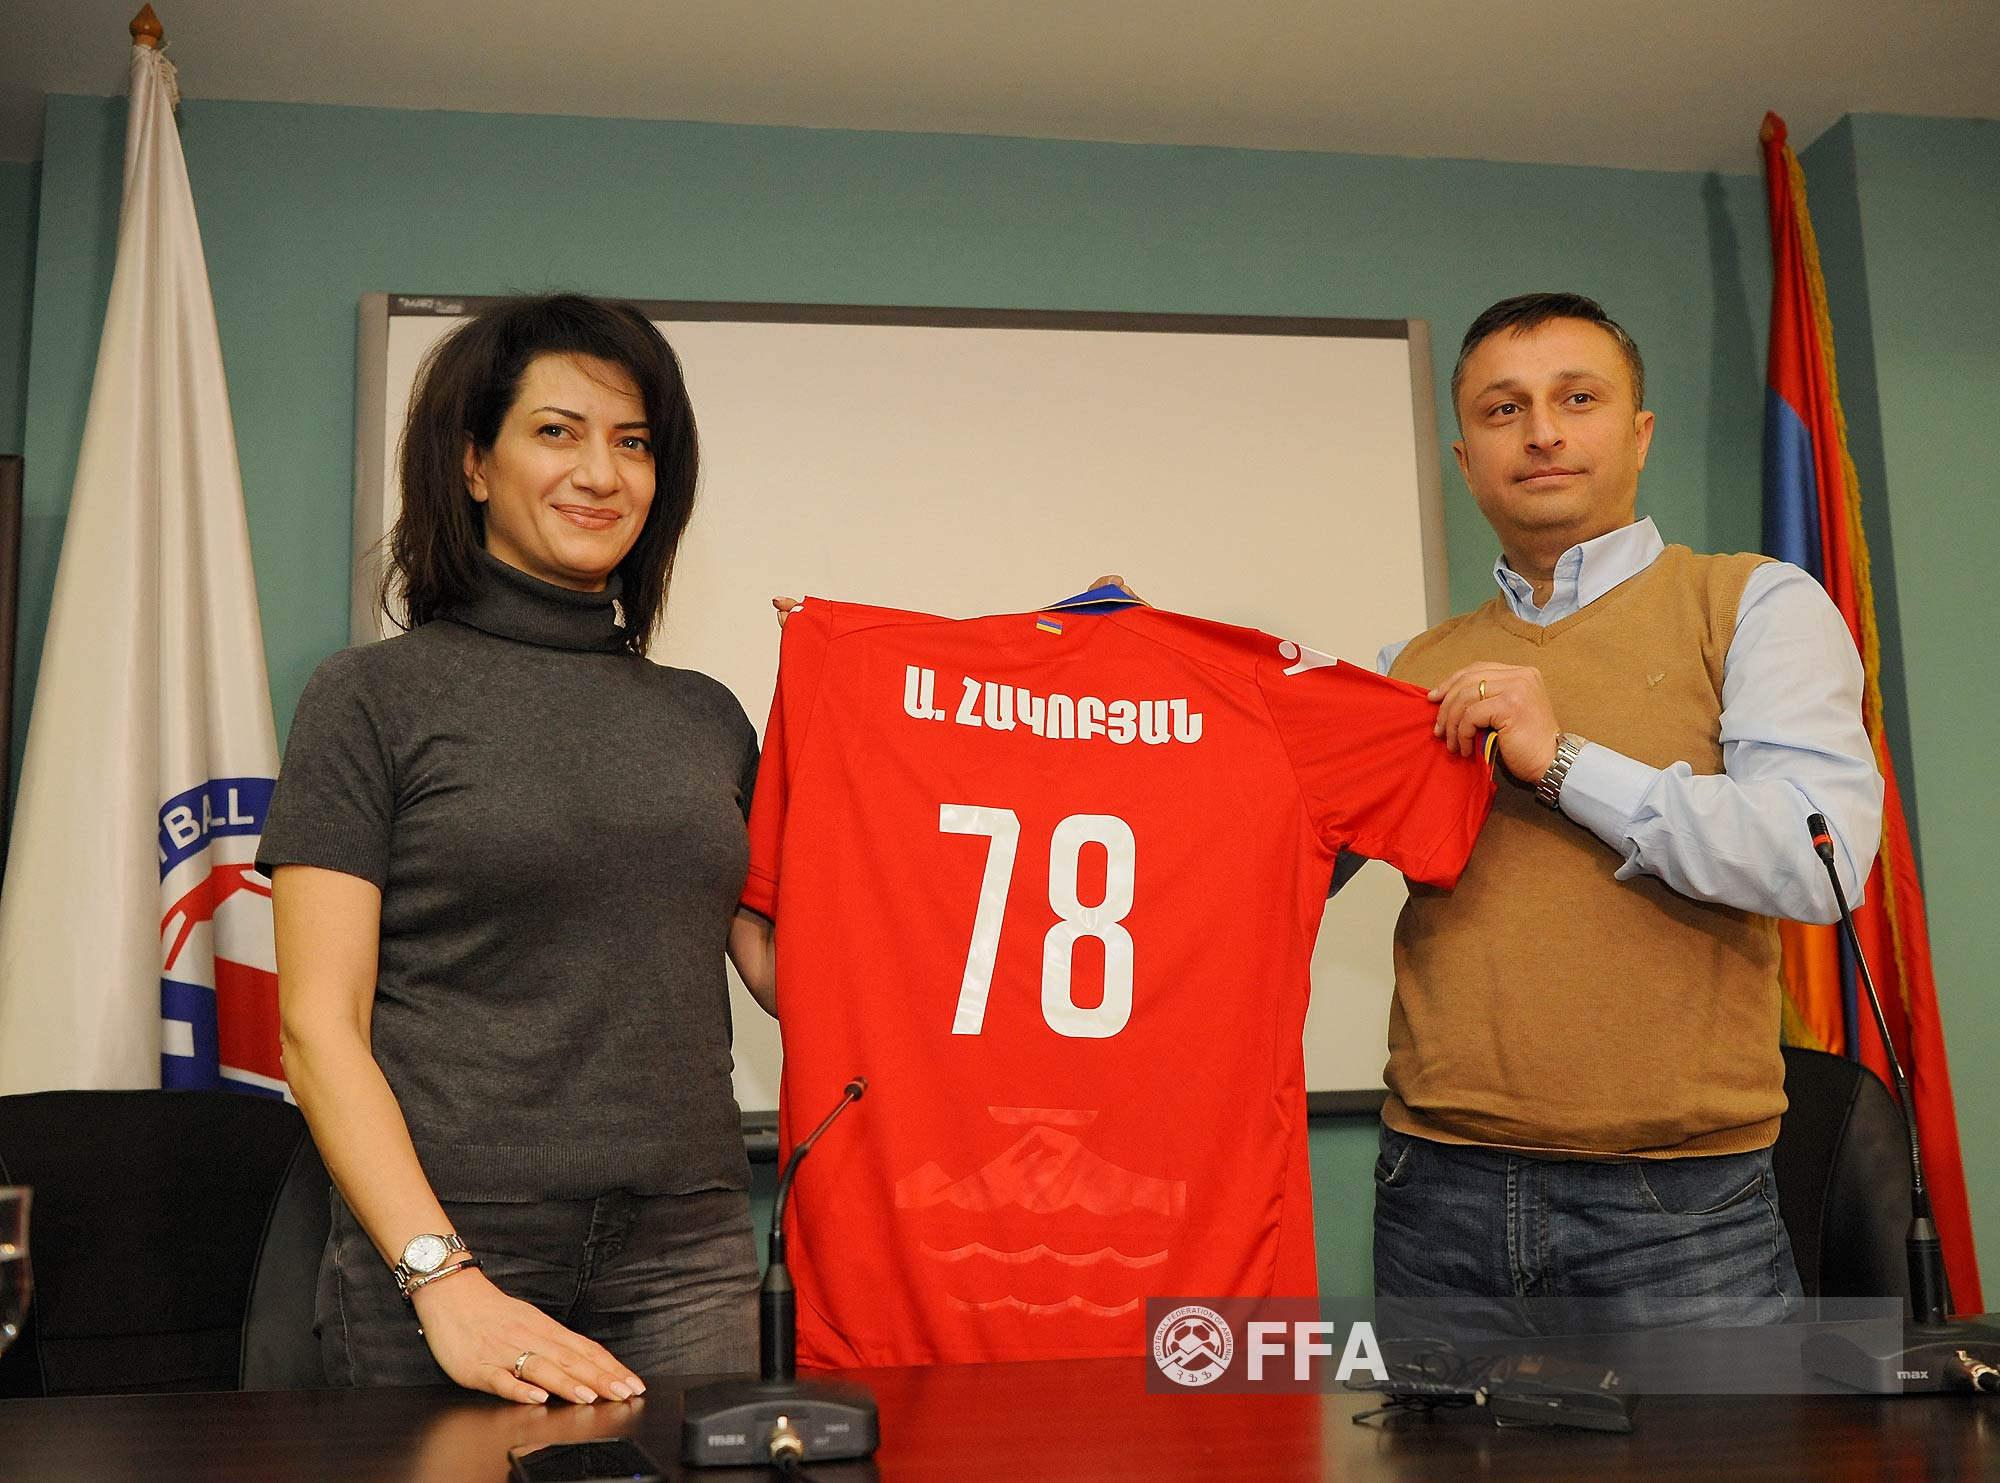 Հայաստանի Հանրապետության վարչապետի տիկին Աննա Հակոբյանն այցելել է ՀՖՖ տեխնիկական կենտրոն